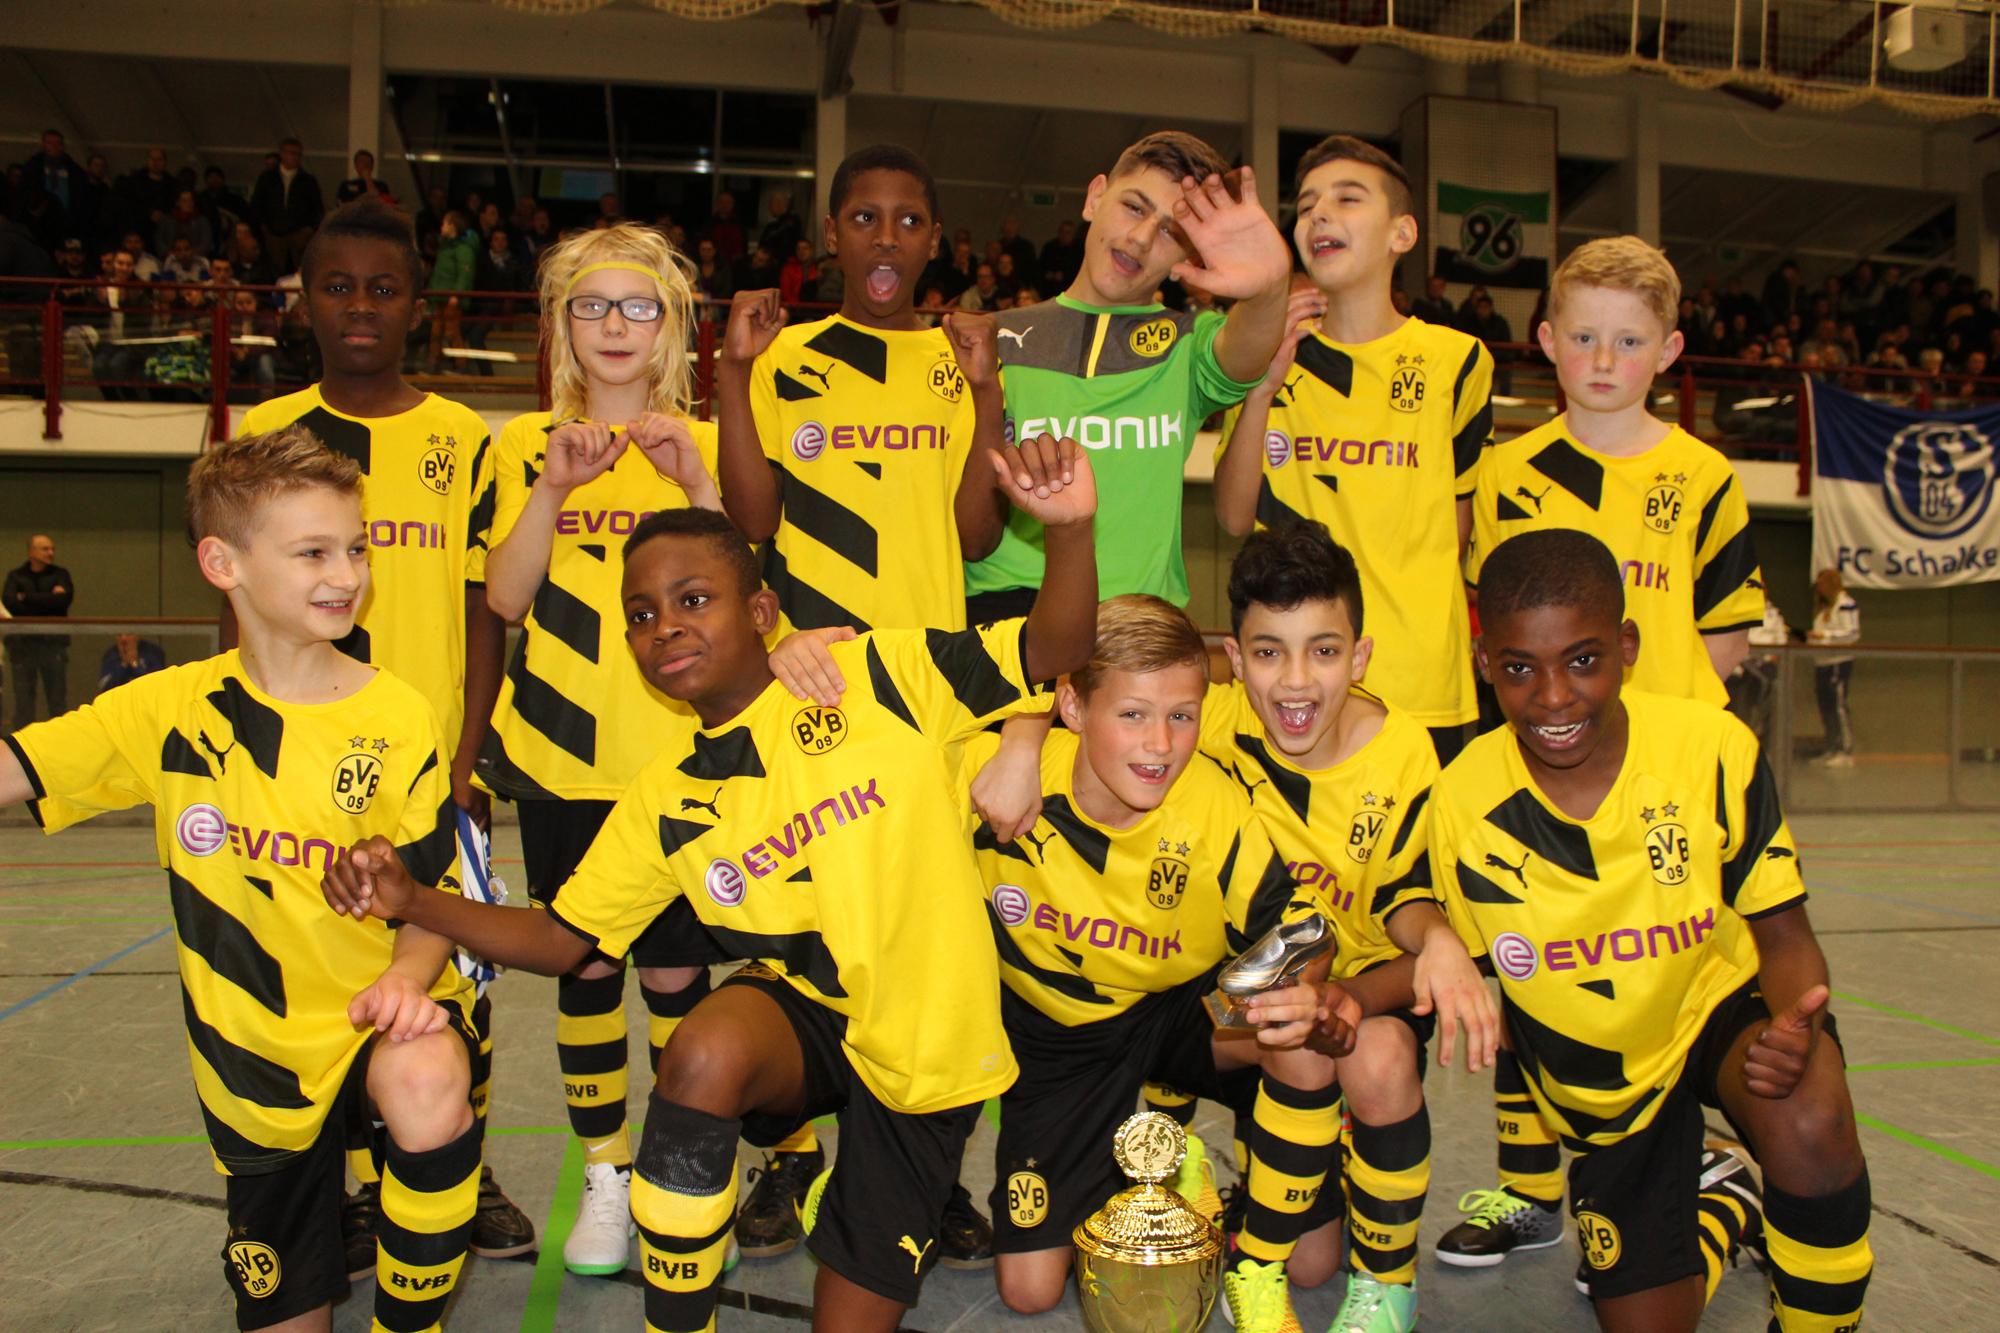 Sieger-beim-U11-Sparkassen-Cup-2015-Borussia-Dortmund_20170123105410aa1.jpg